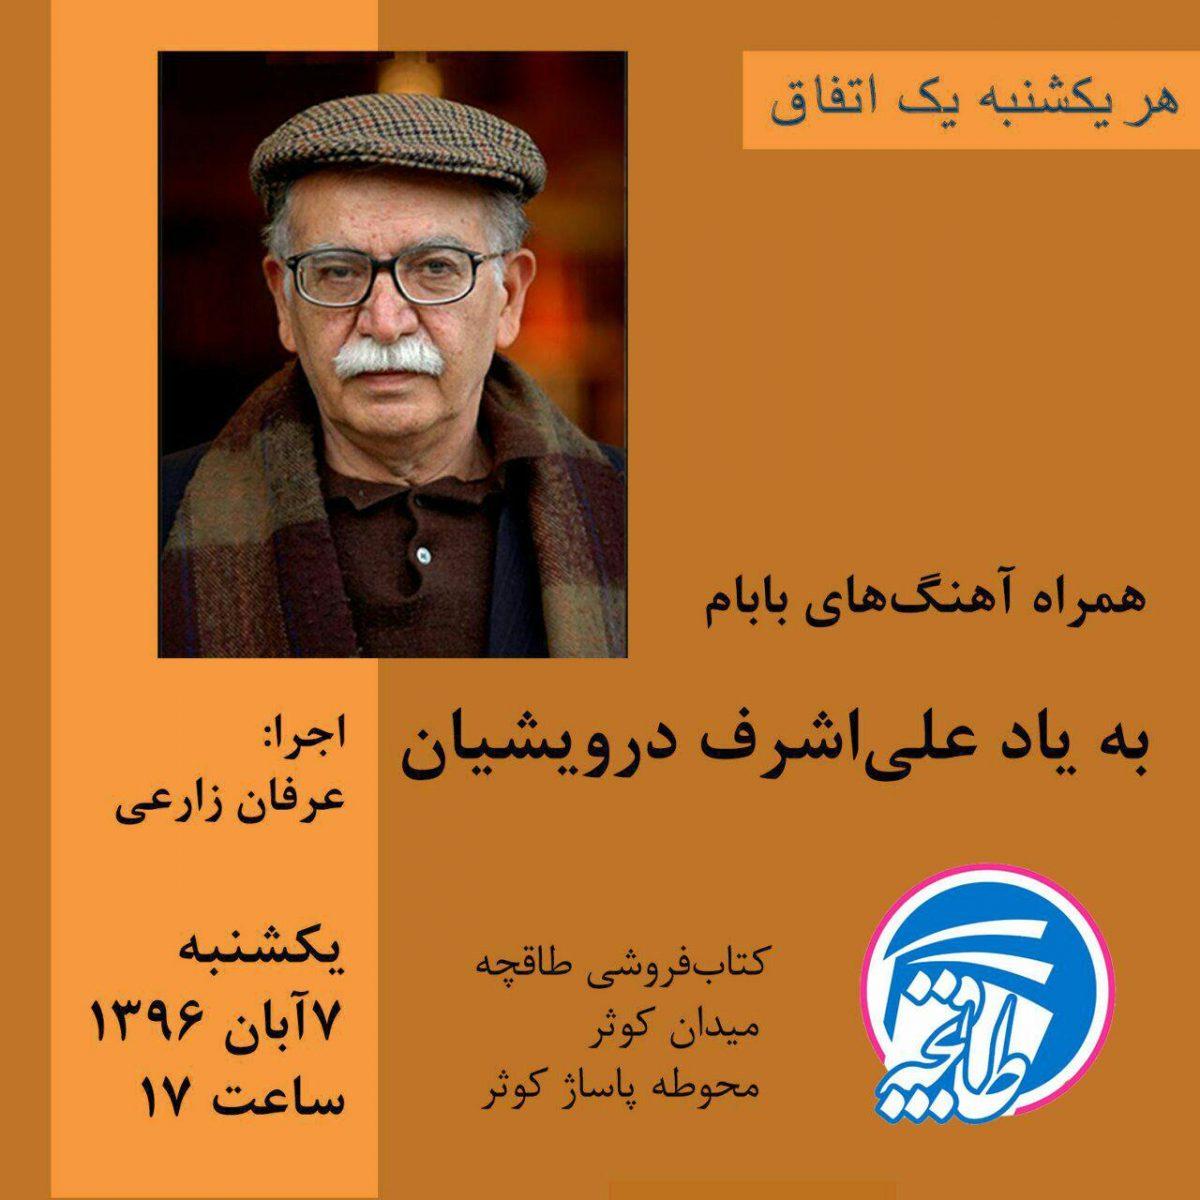 پوستر برنامه بزرگداشت علی اشرف درویشیان در کتابفروشی طاقچه کرمان